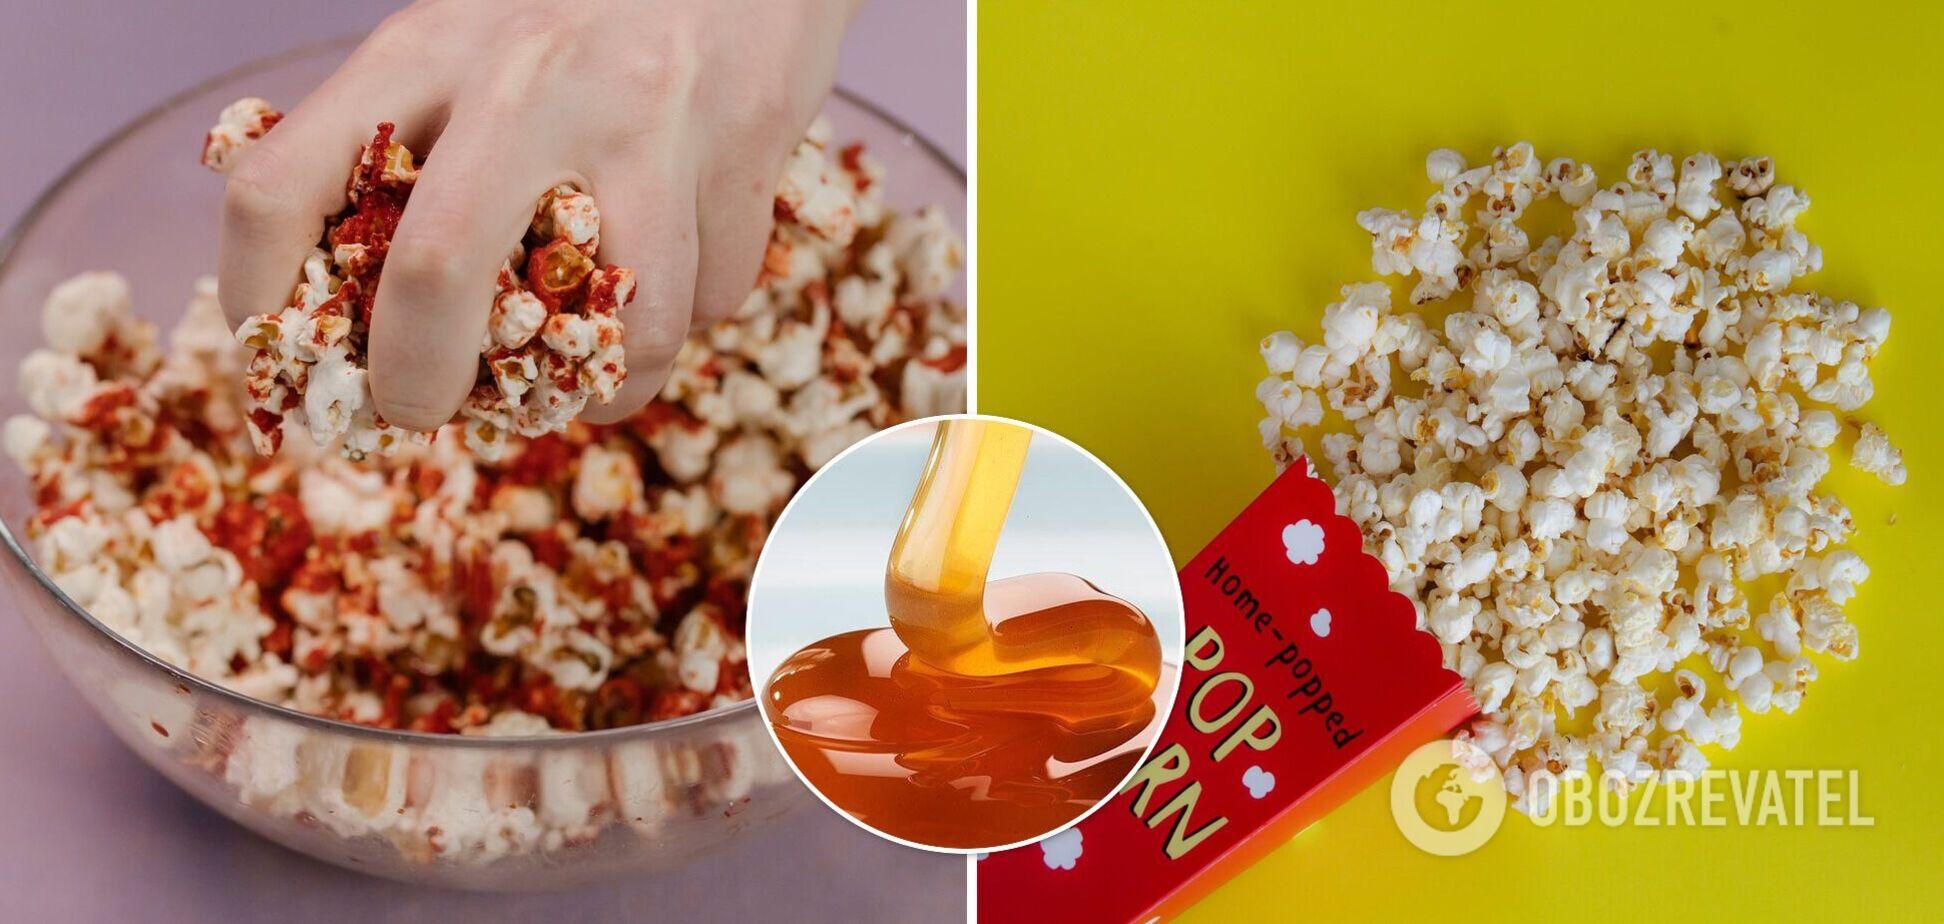 Взрывной попкорн, как в кино: какую кукурузу можно использовать дома